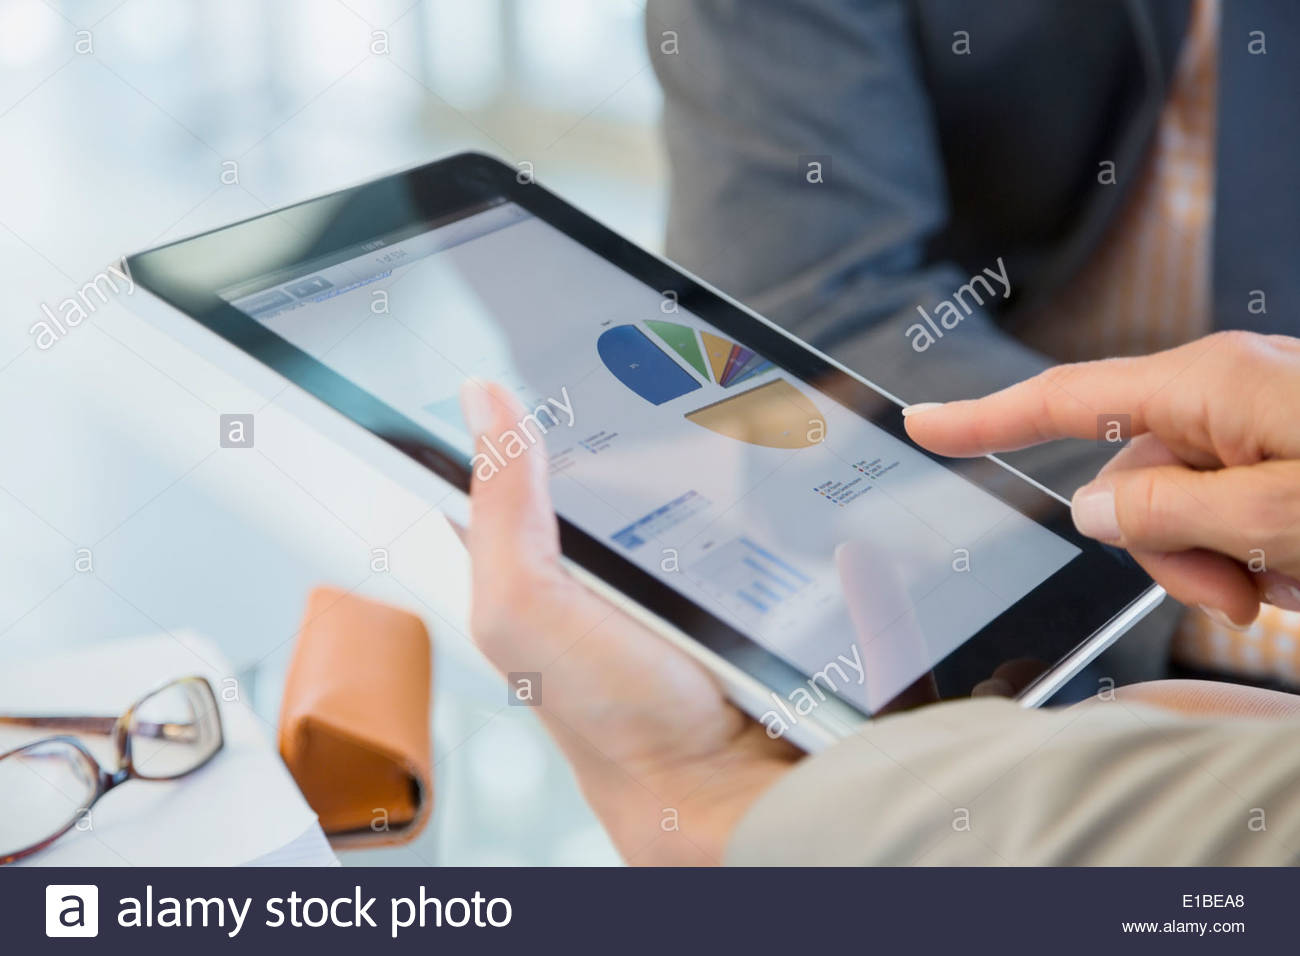 Les gens d'affaires de l'examen des données financières sur la tablette numérique Photo Stock